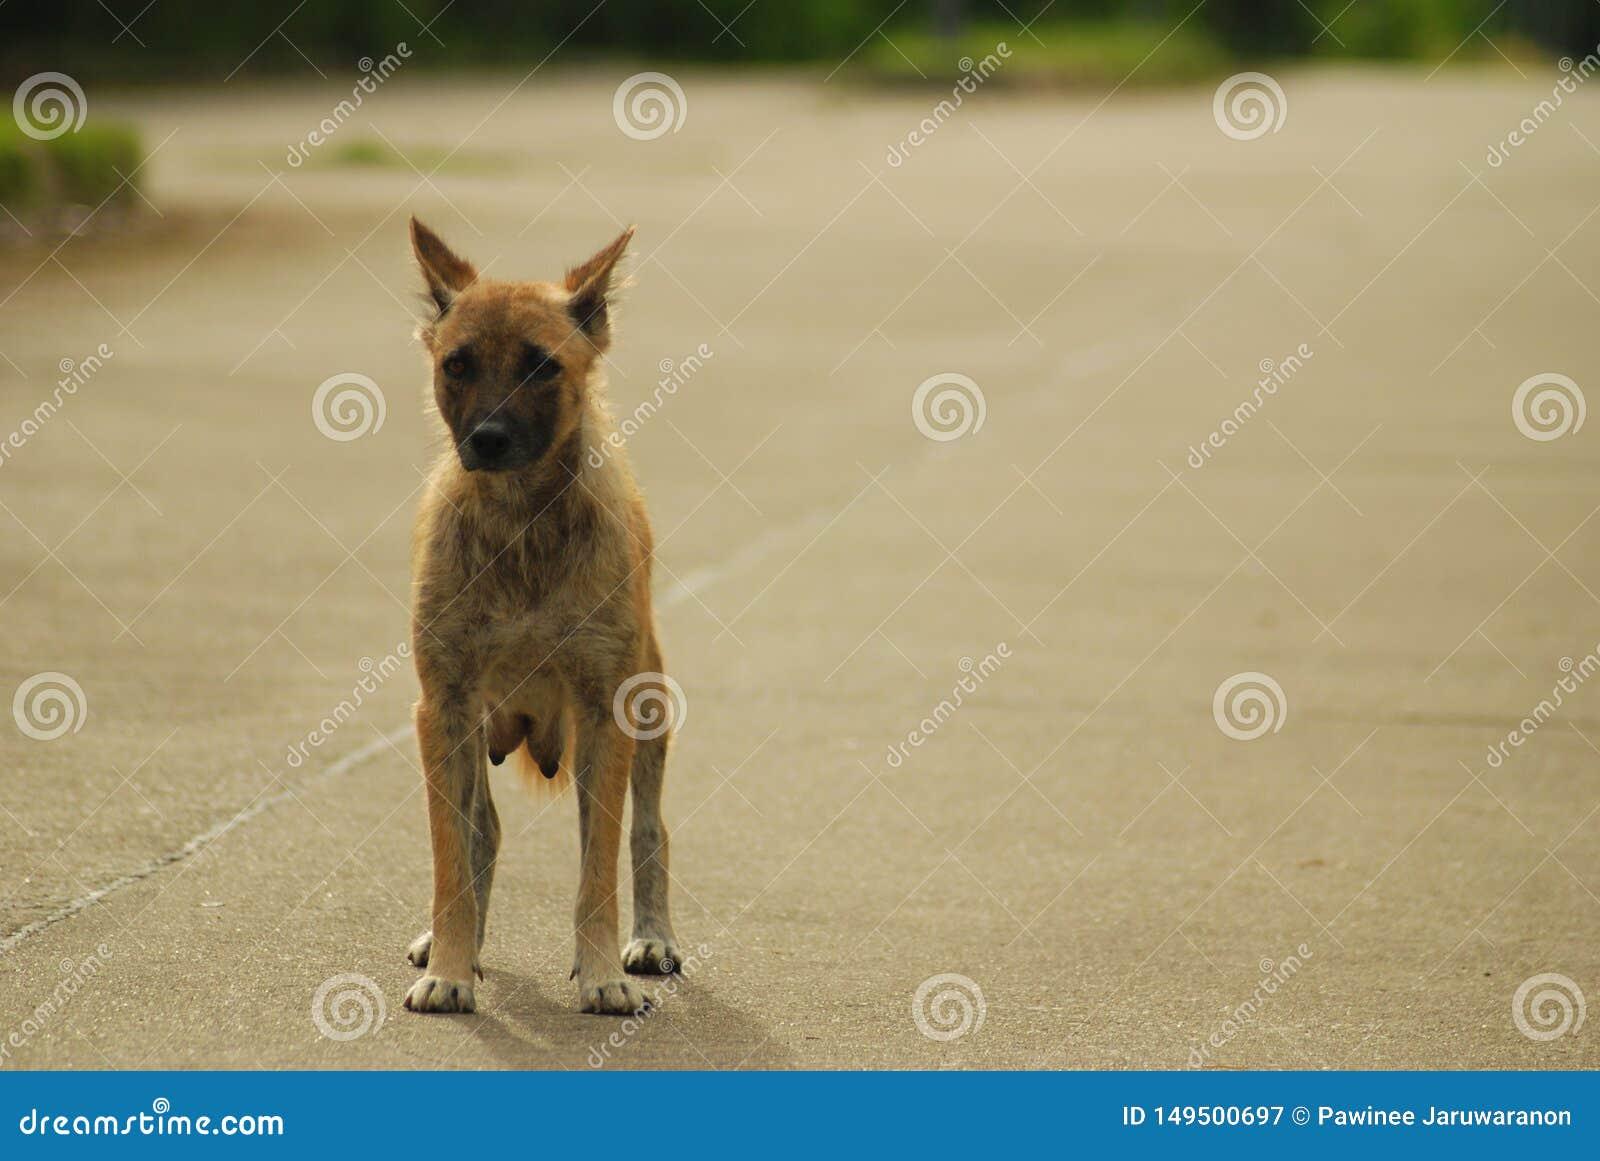 Thai hansen de tribune van de ziektehond alleen op de weg